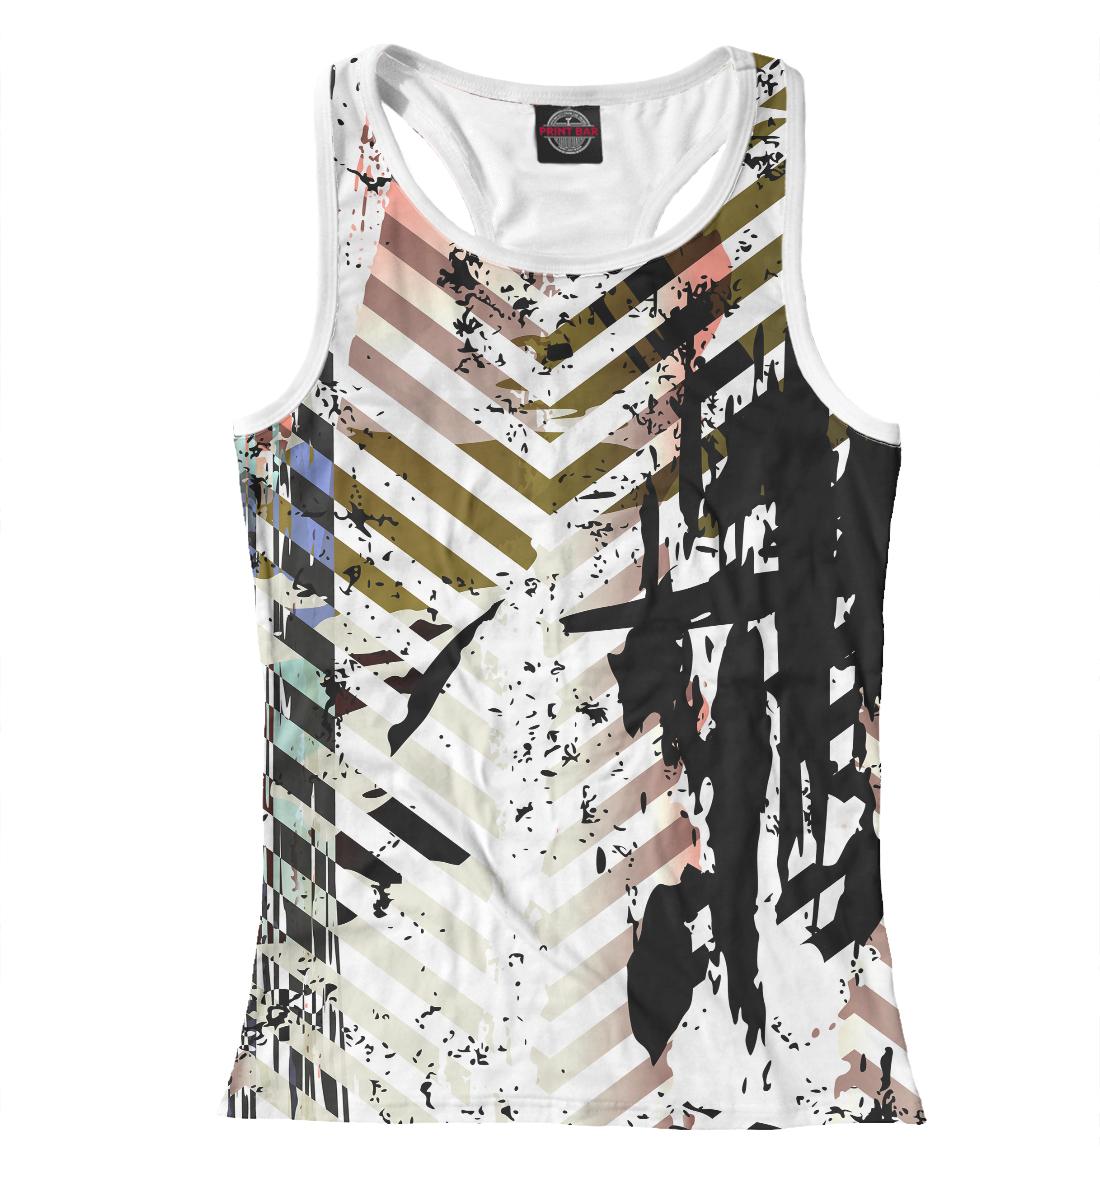 Купить Fashion geometry, Printbar, Майки борцовки, APD-893641-mayb-1